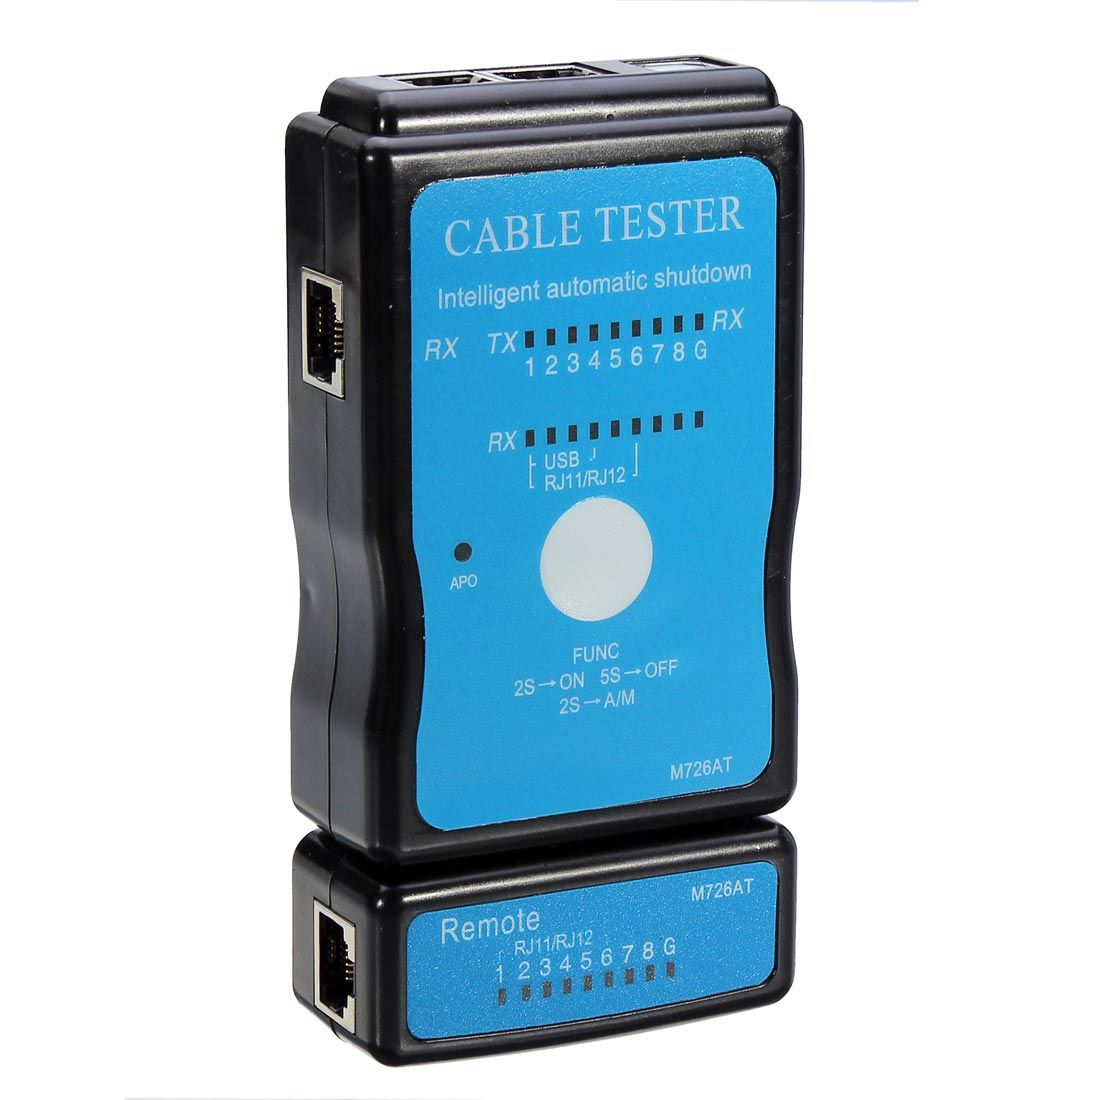 Universel 2 Modes Câble Testeur LAN Micro USB Standard RJ45 RJ11 RJ12 Réseau Ethernet pour CAT5 Testeur Unité Principale de Réseautage outils